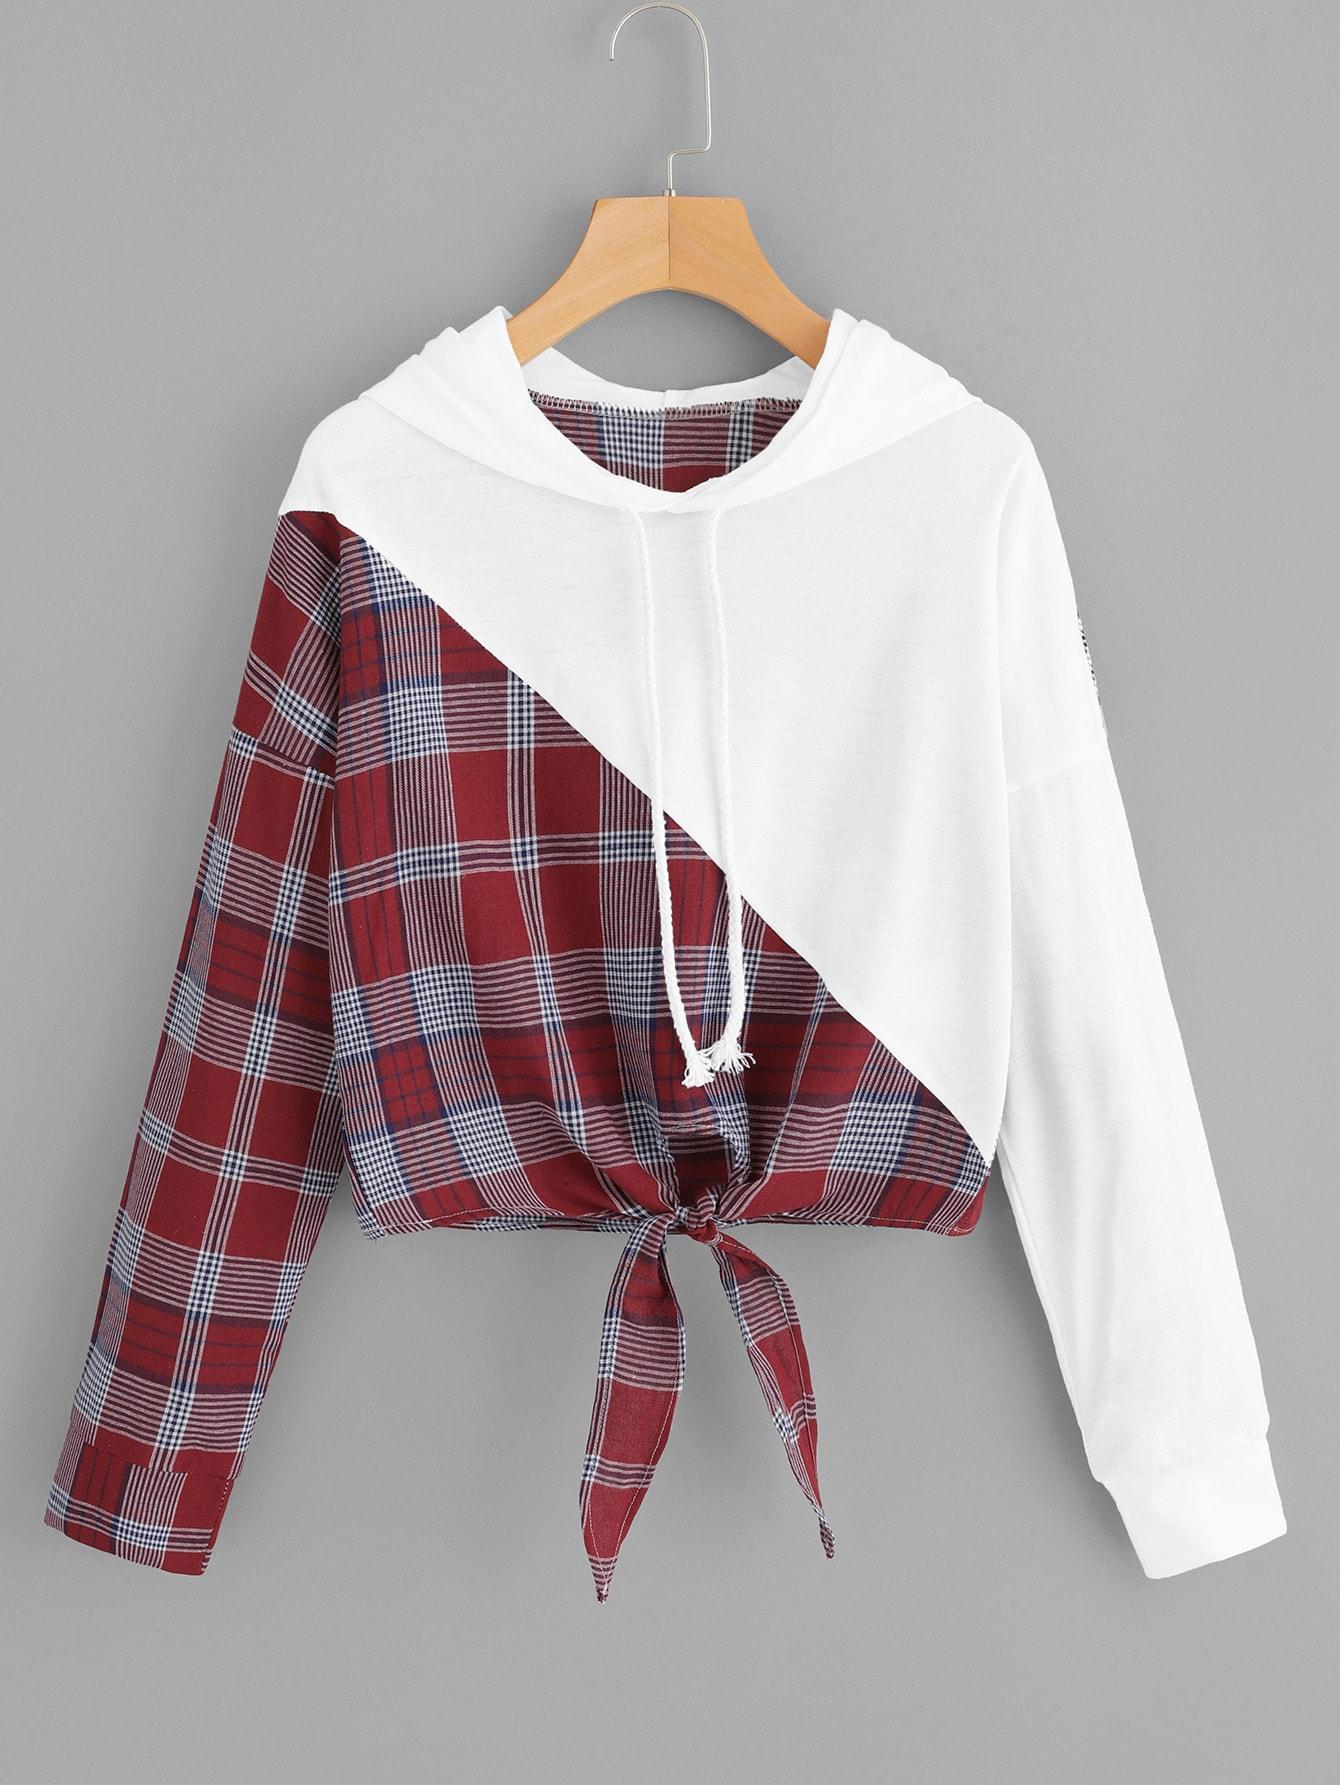 Knot Hem Contrast Panel Plaid Hooded Sweatshirt Knot Hem Contrast Panel Plaid Hooded Sweatshirt